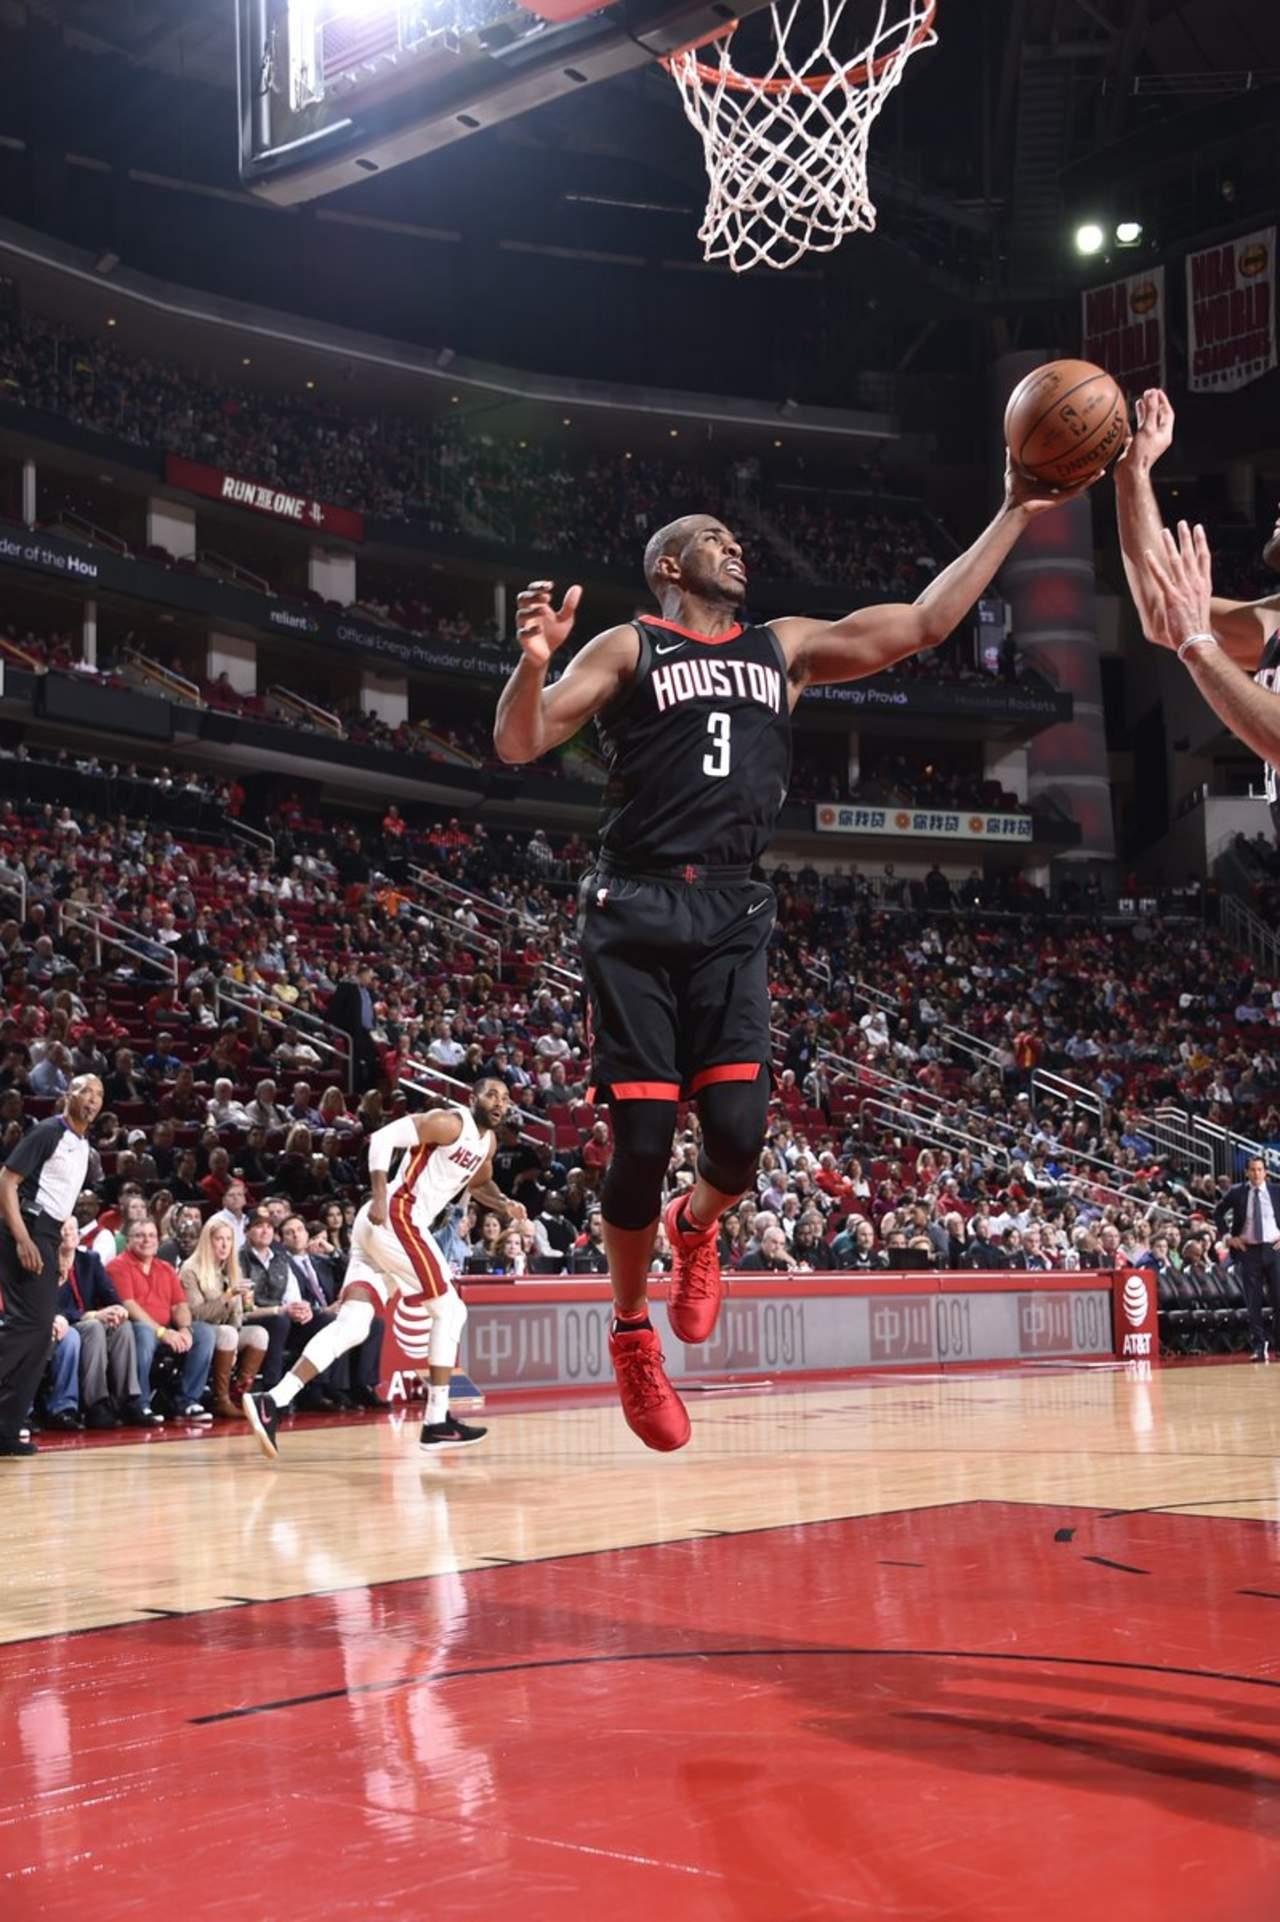 Houston llega a tres victorias seguidas; vence a Miami en NBA